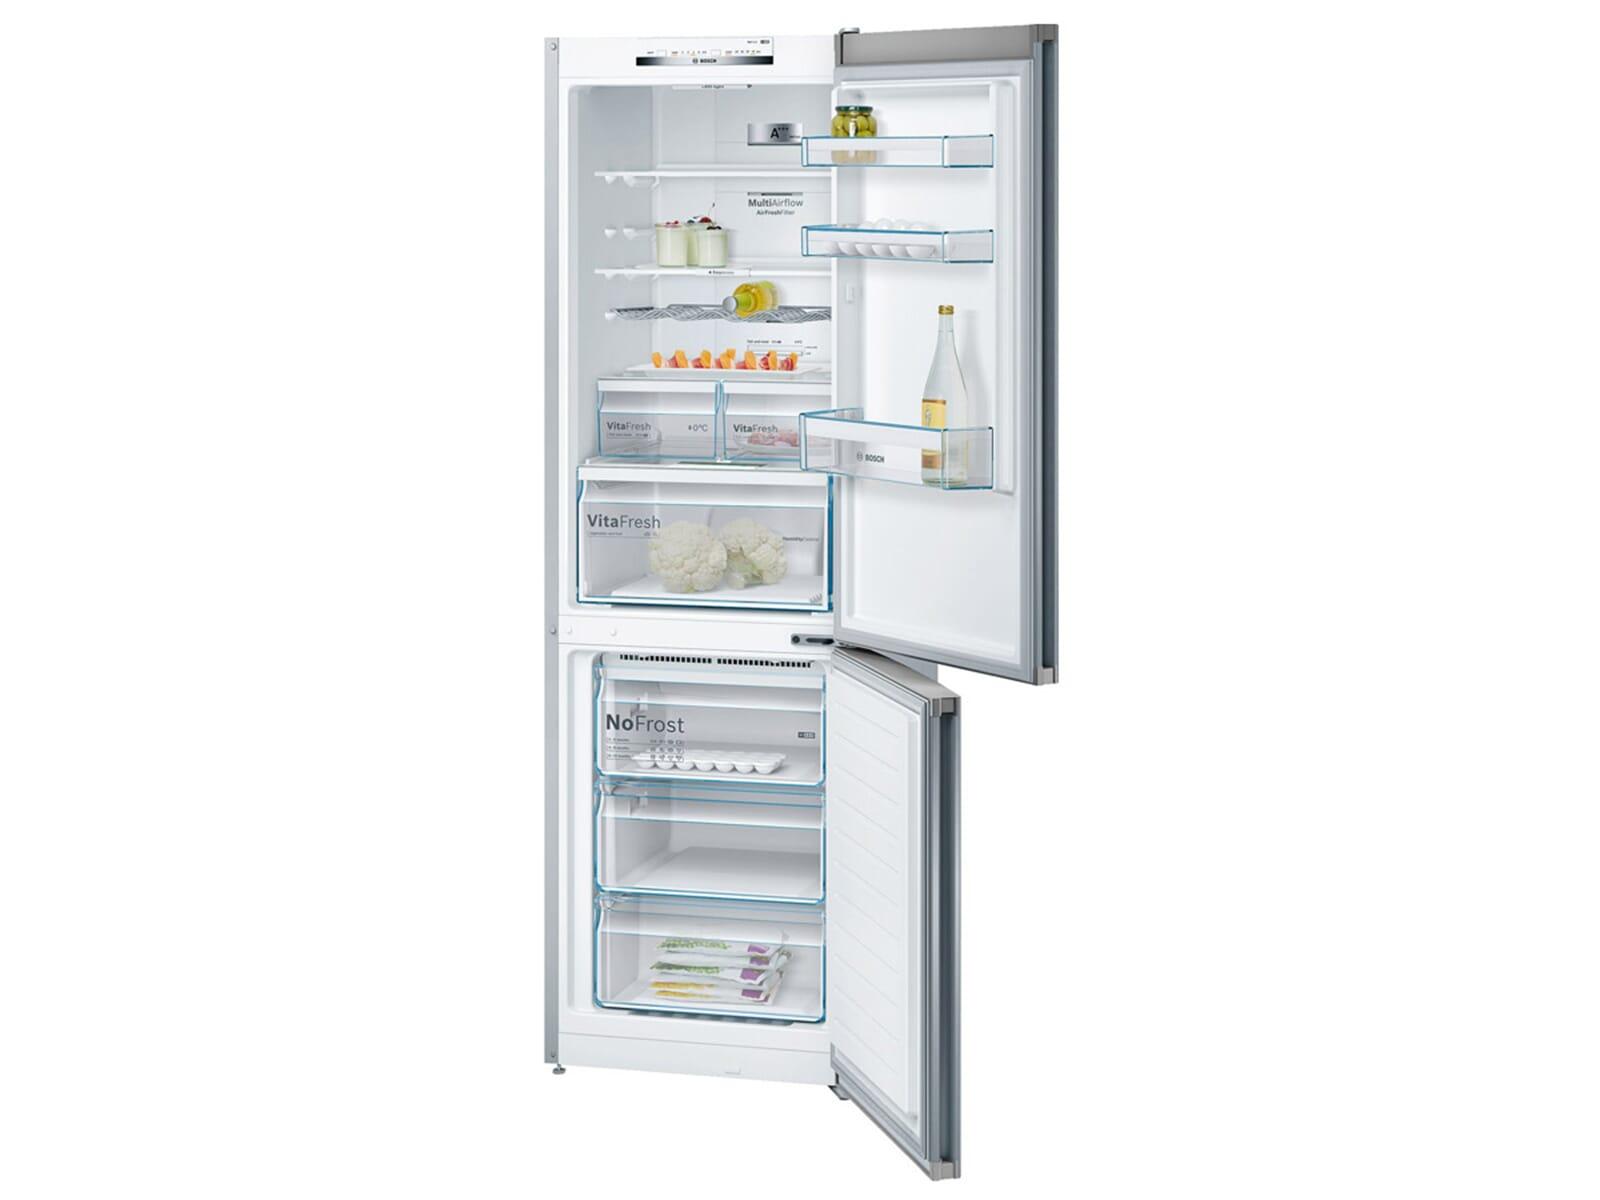 Bosch Kühlschrank Kgn 56 Xi 40 : Bosch kühlschrank kgn xi bosch kühlschrank unterbau